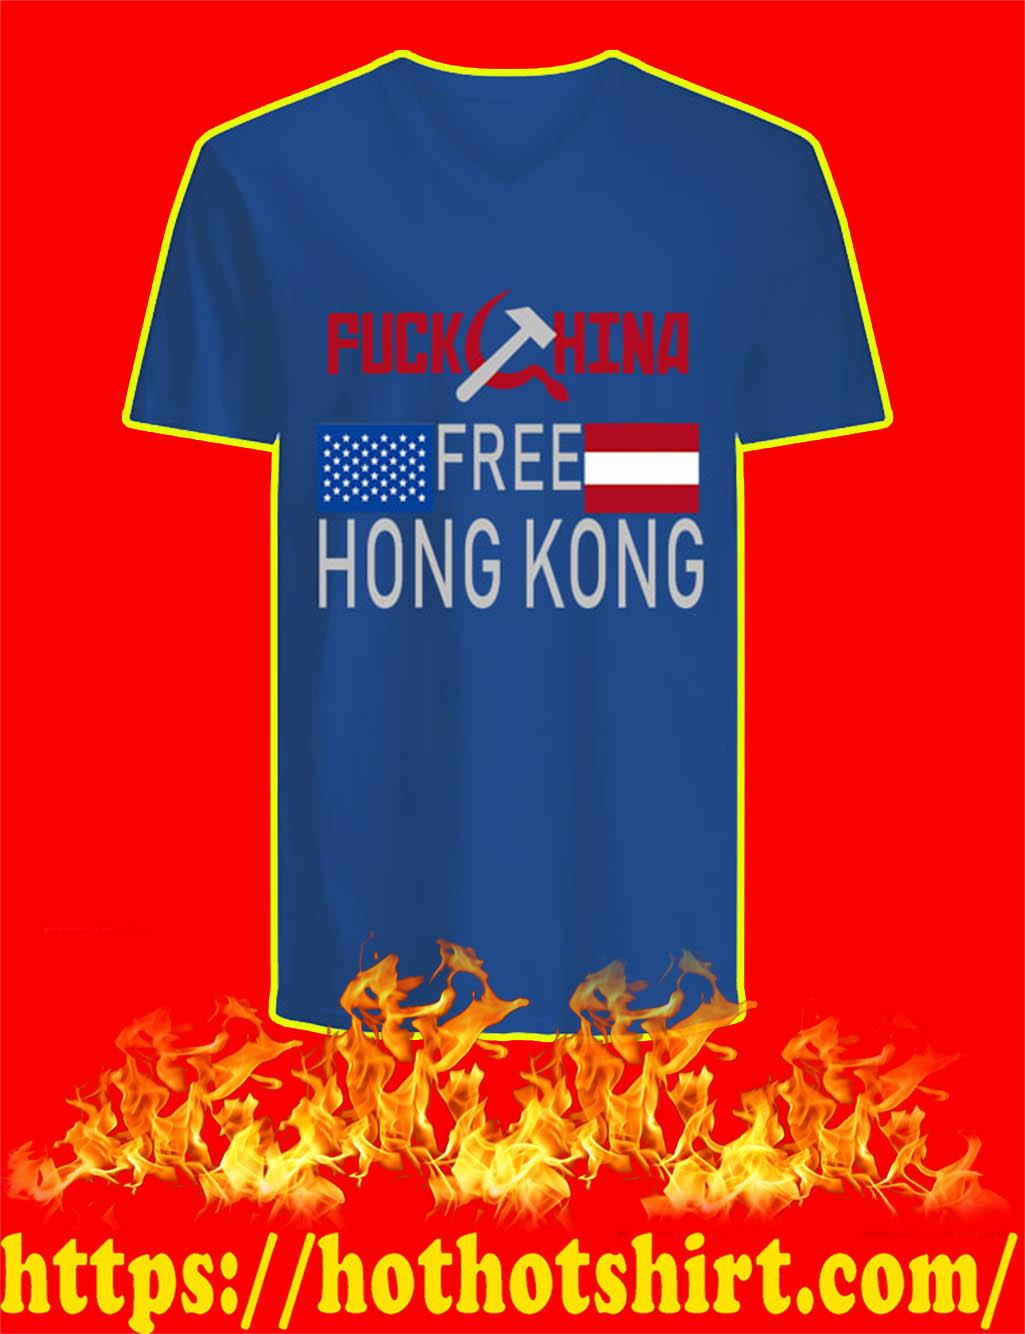 Fuck China Free Hong Kong v-neck